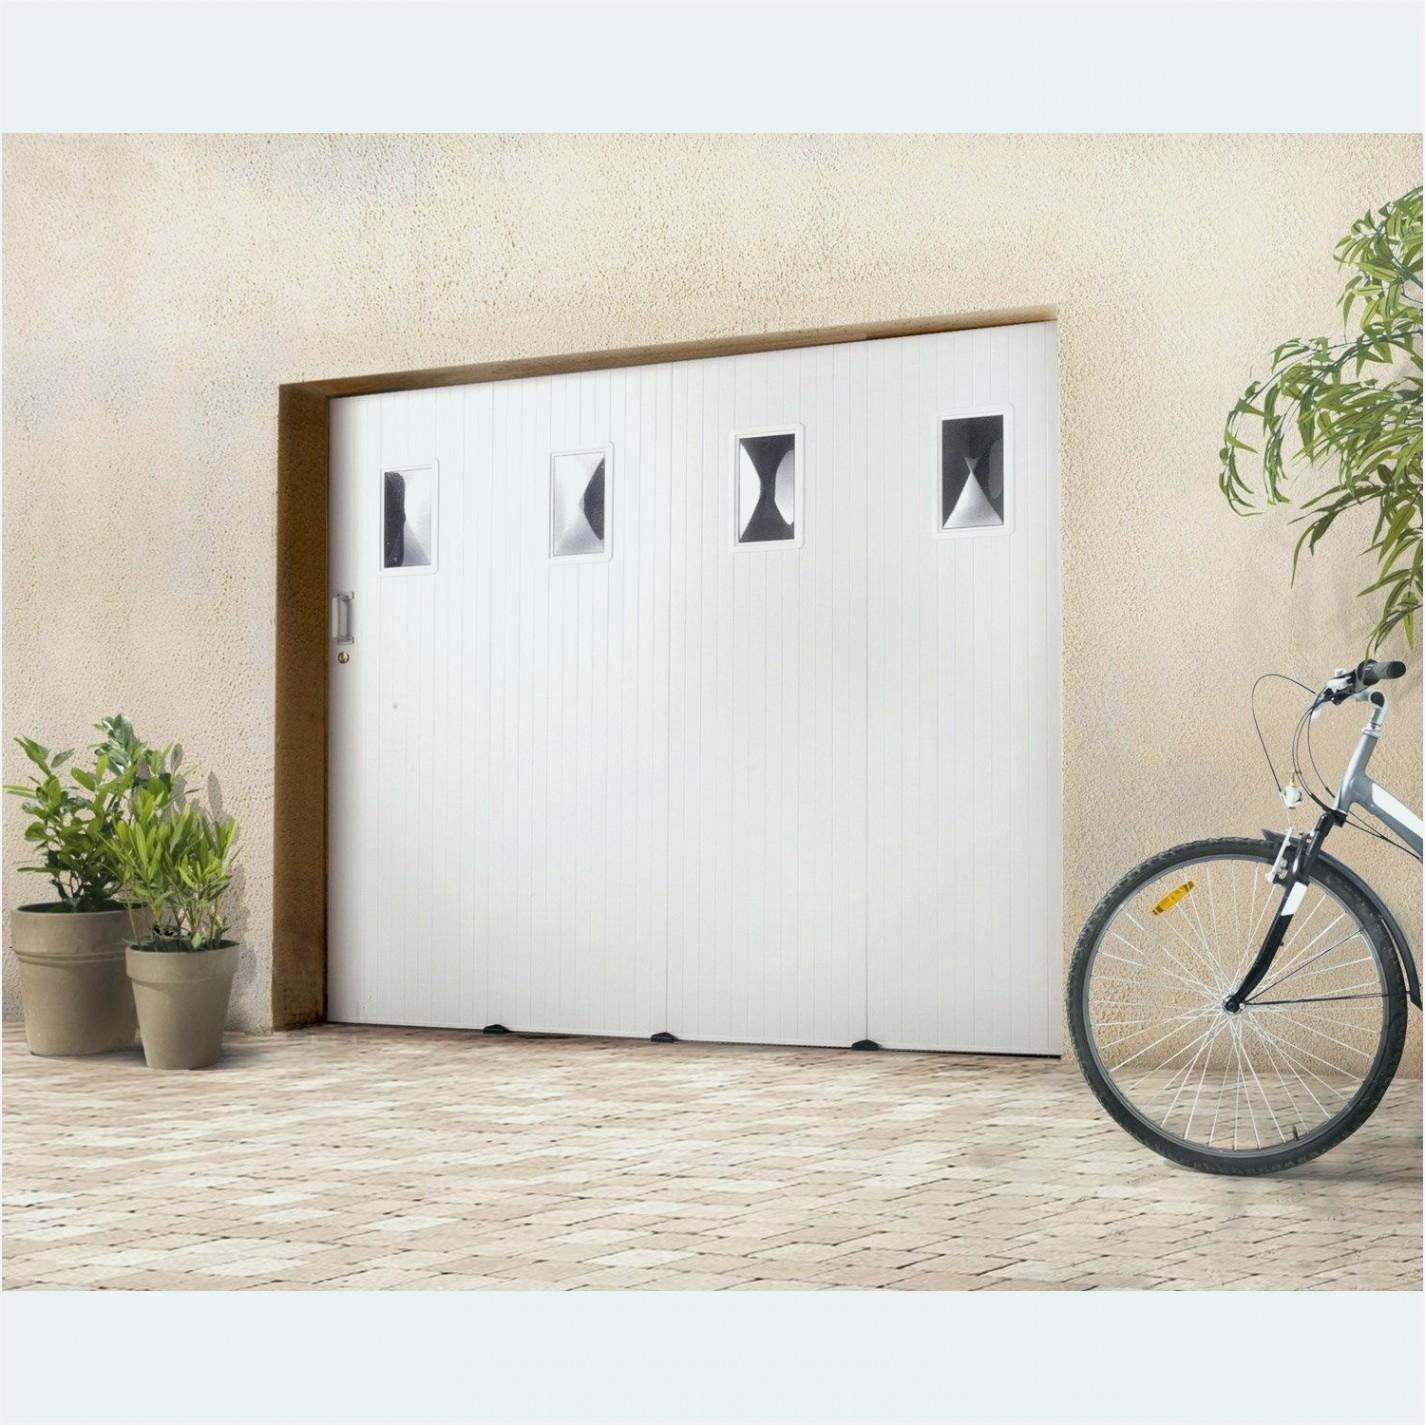 Armoire De Jardin Brico Depot Inspirant Image Armoire Metallique Pour Garage Meilleur De Brico Depot Abri De